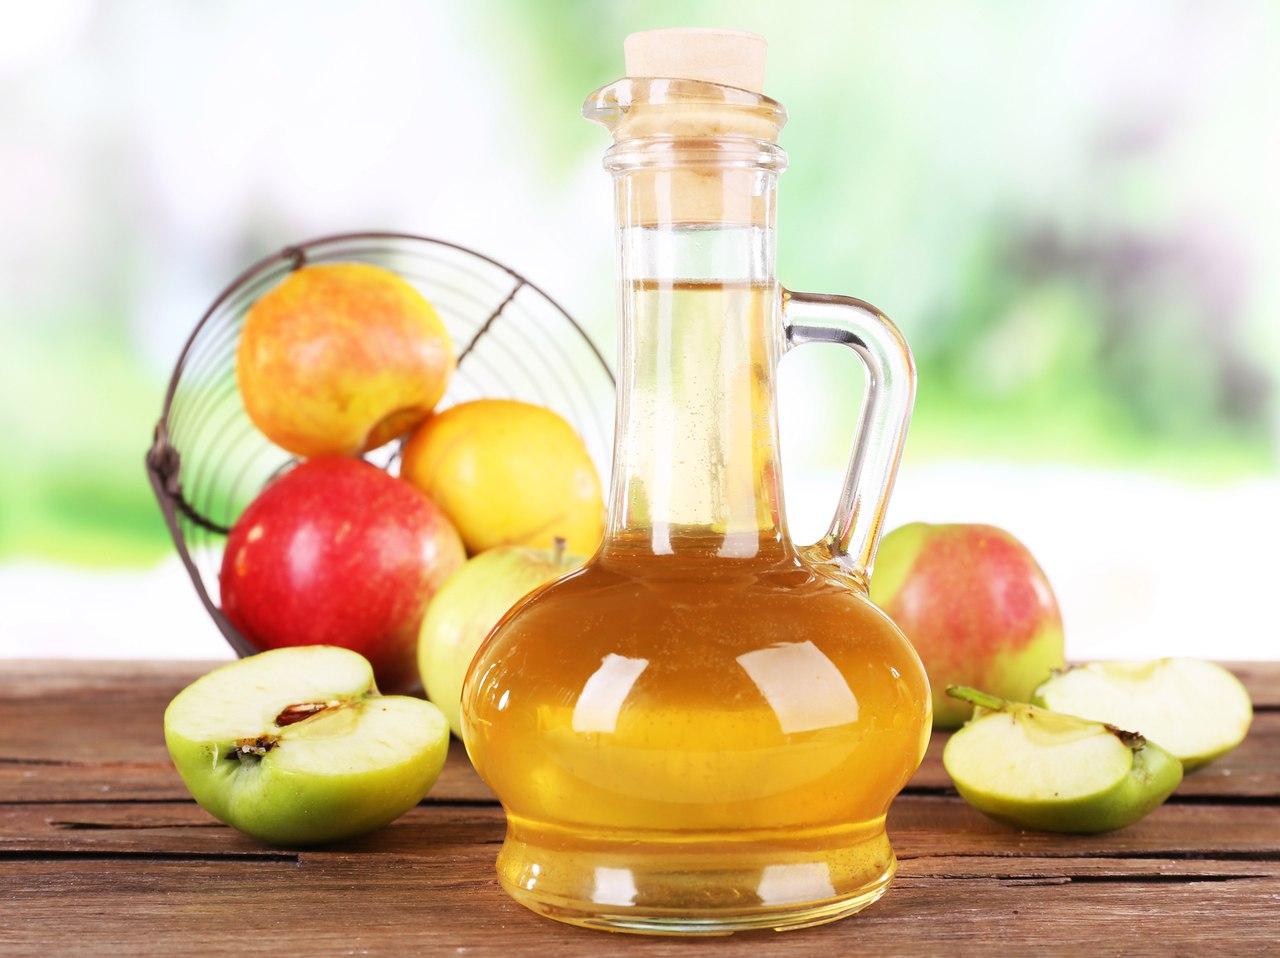 15 волшебных свойств яблочного уксус.